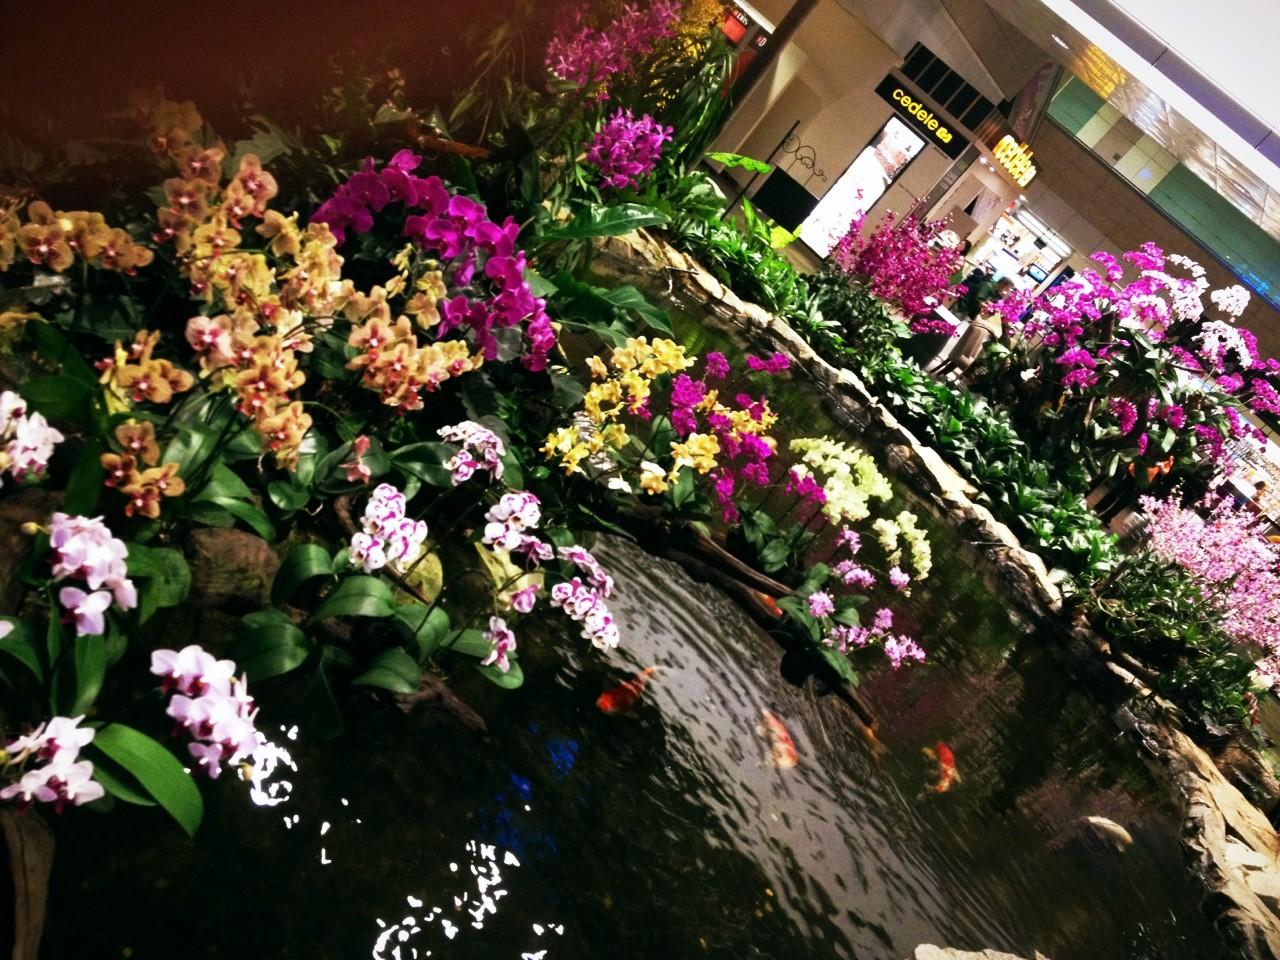 пресс-службе горсовета сад орхидей в сингапуре фото тон